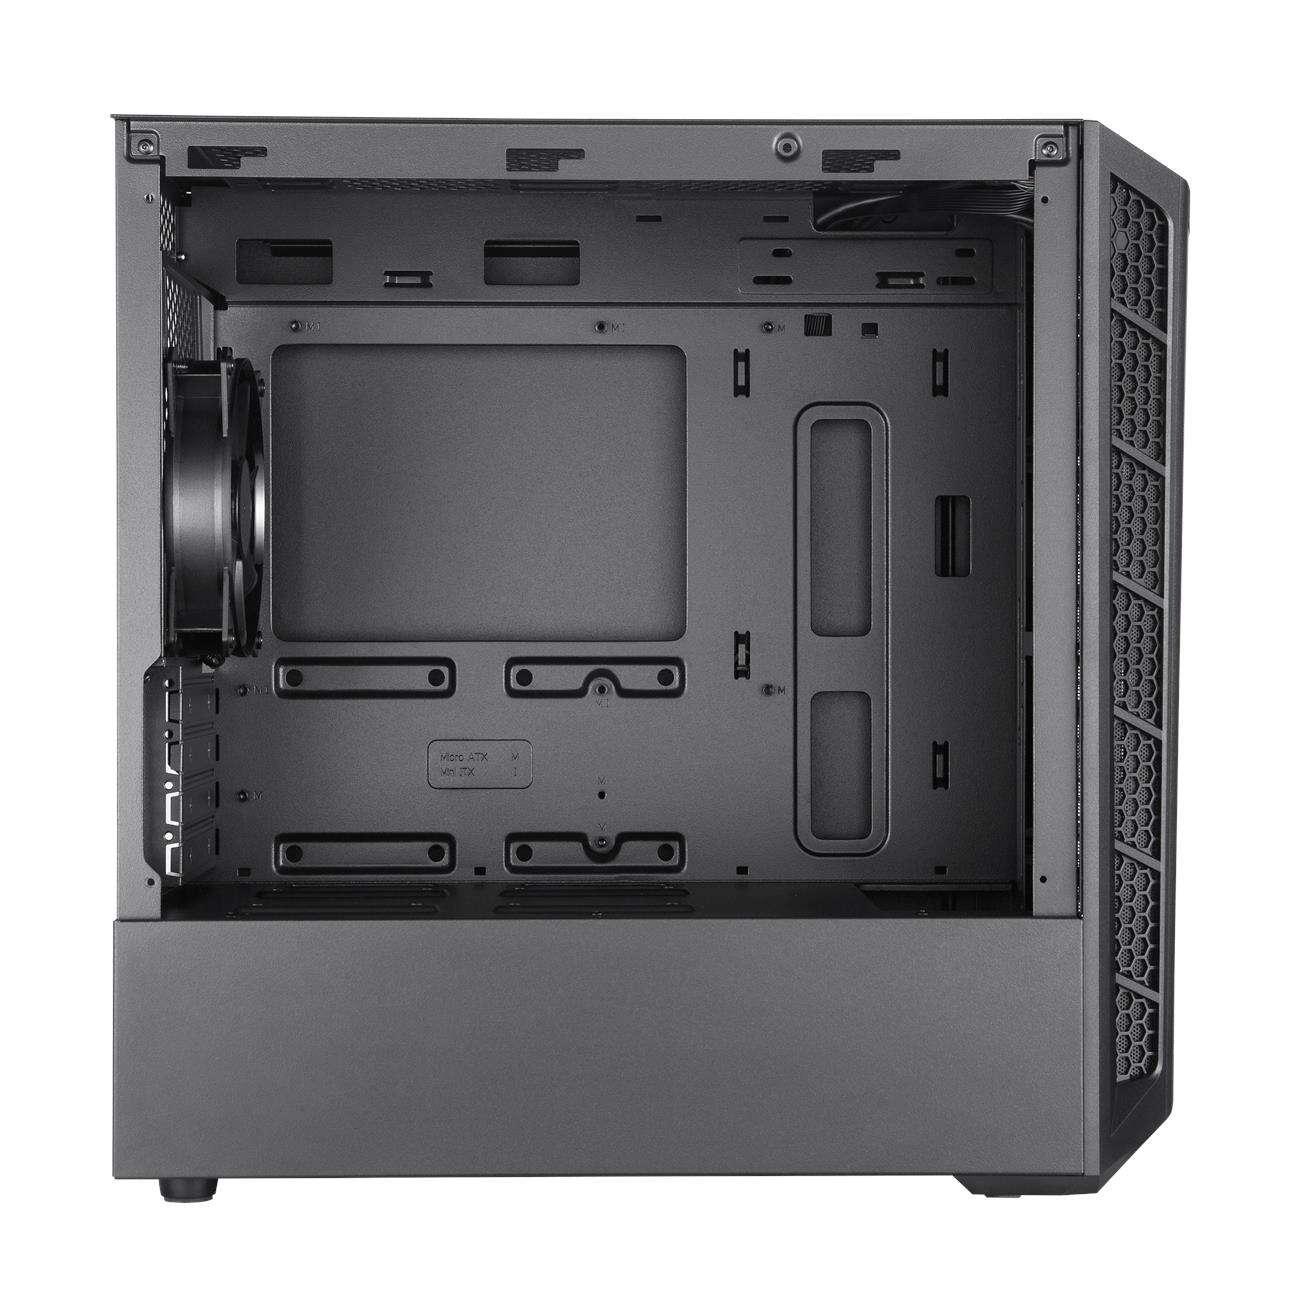 cooler master MasterBox MB311L, obudowa MasterBox MB311L, cena MasterBox MB311L